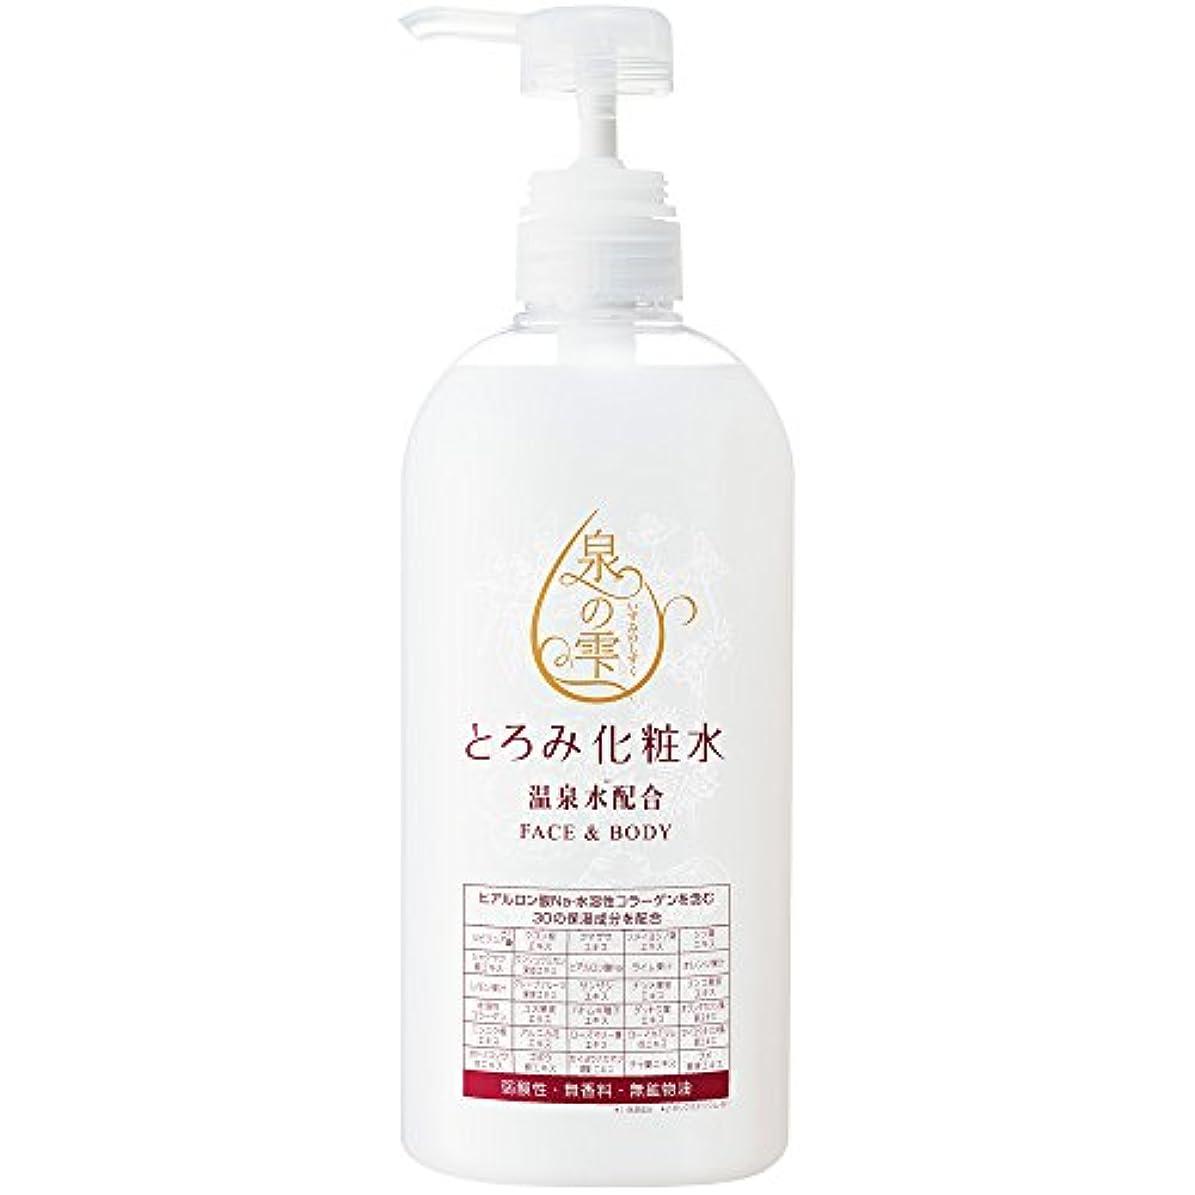 生命体哀添加泉の雫(いずみのしずく)とろみ化粧水 700ml